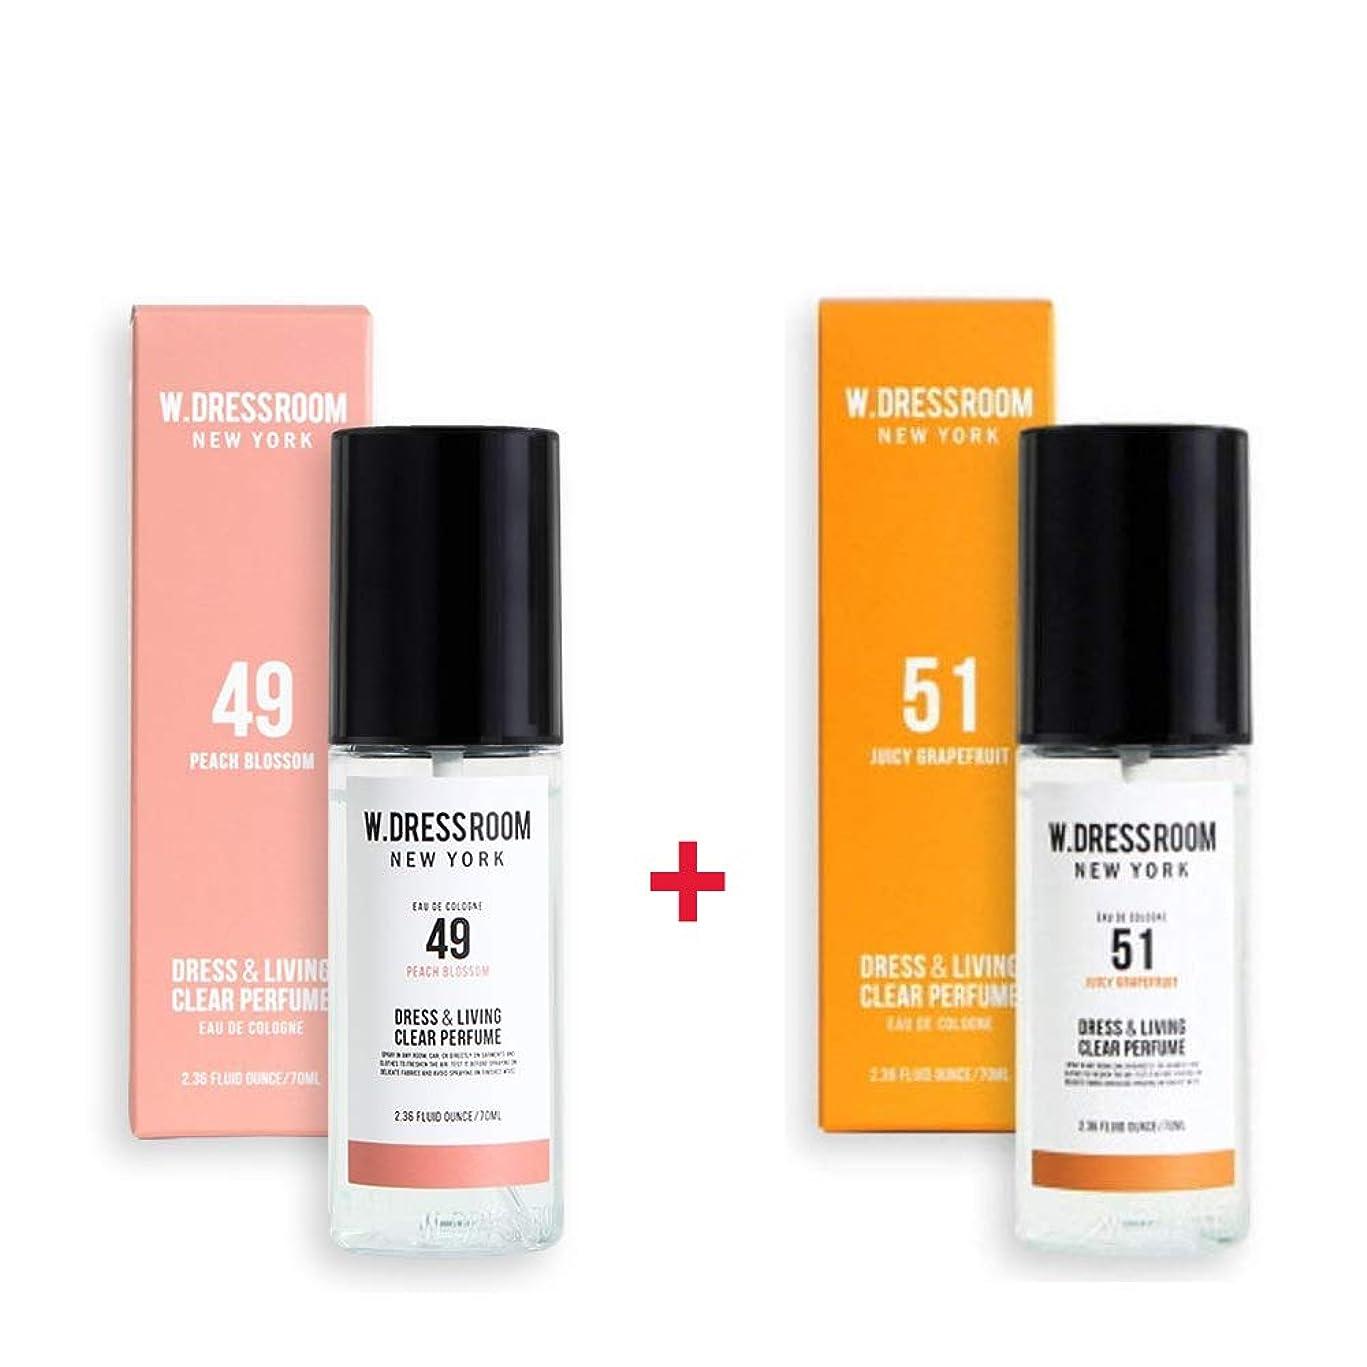 振る舞う彼は繁殖W.DRESSROOM Dress & Living Clear Perfume 70ml (No 49 Peach Blossom)+(No 51 Juicy Grapefruit)